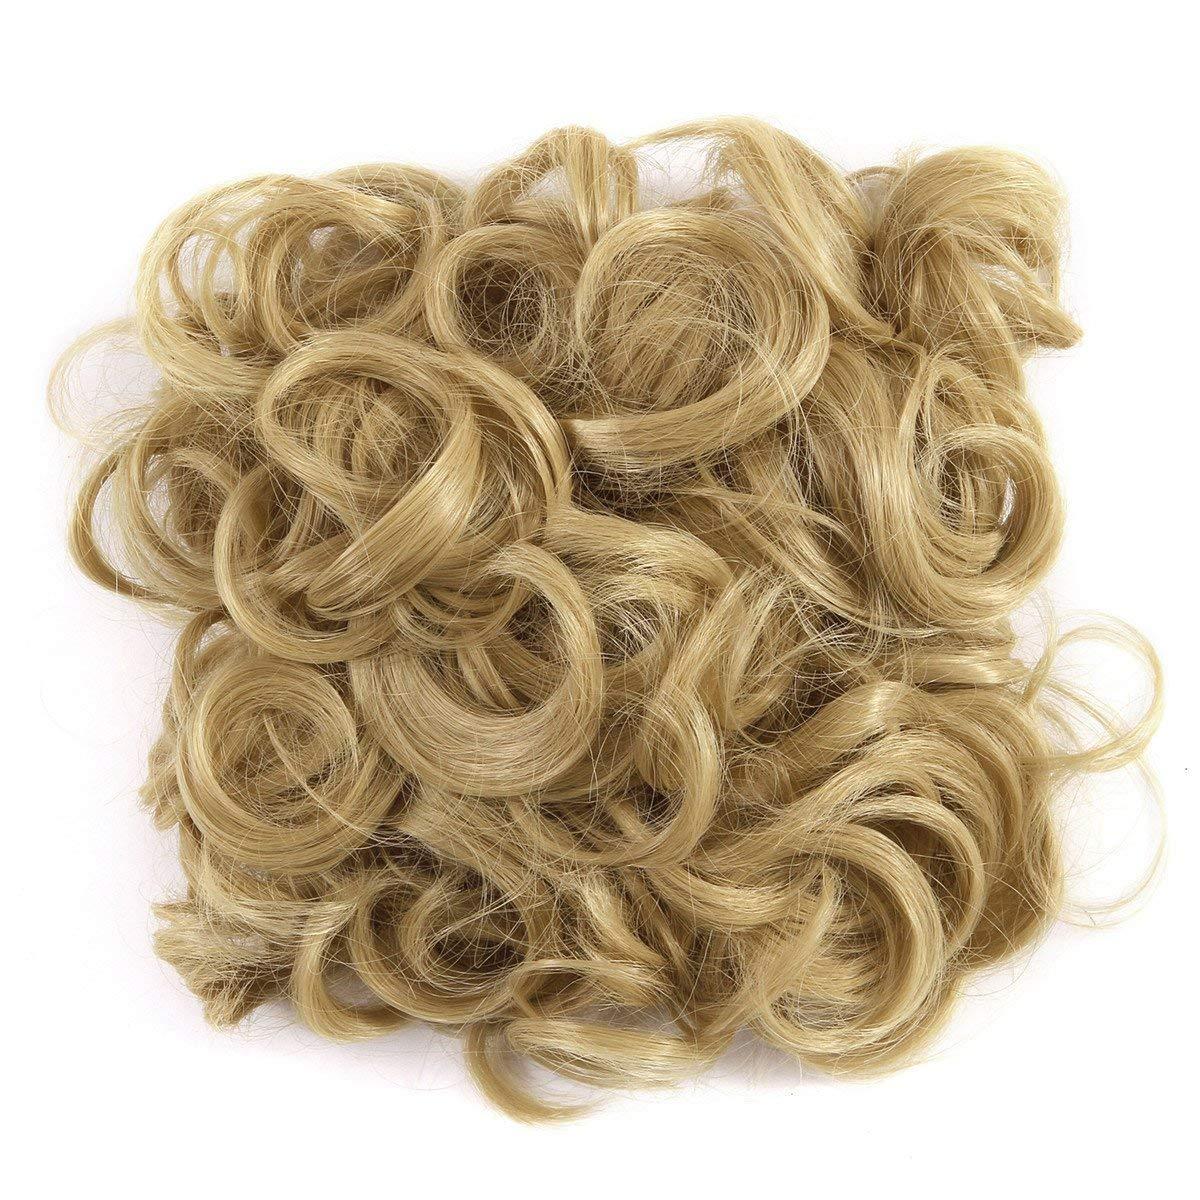 Cheap Extension Hair Bun Find Extension Hair Bun Deals On Line At